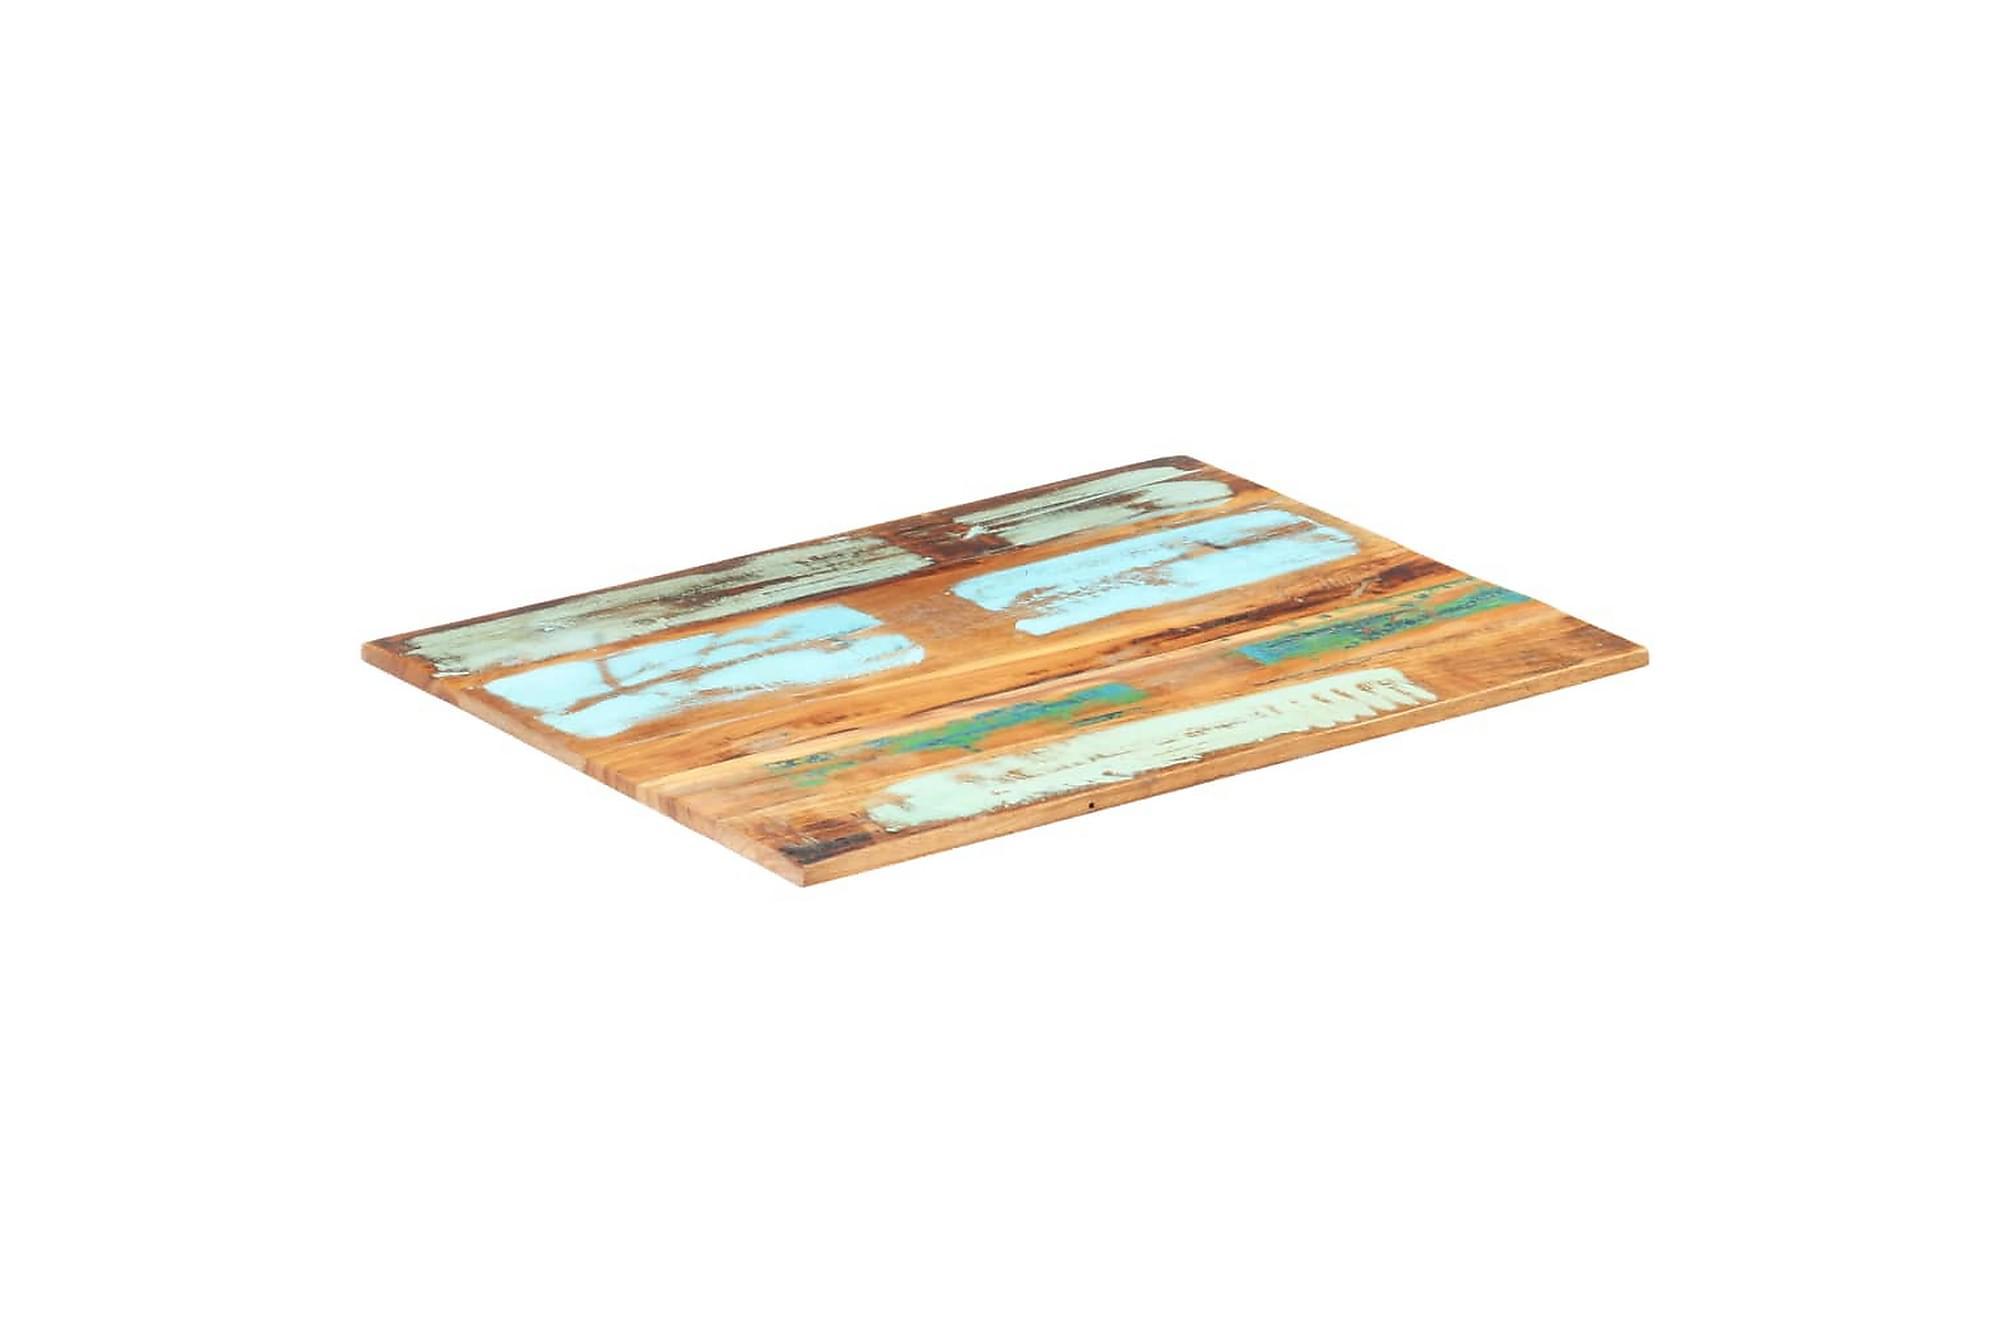 Rektangulär bordsskiva 60x80cm 15-16 mm återvunnet trä